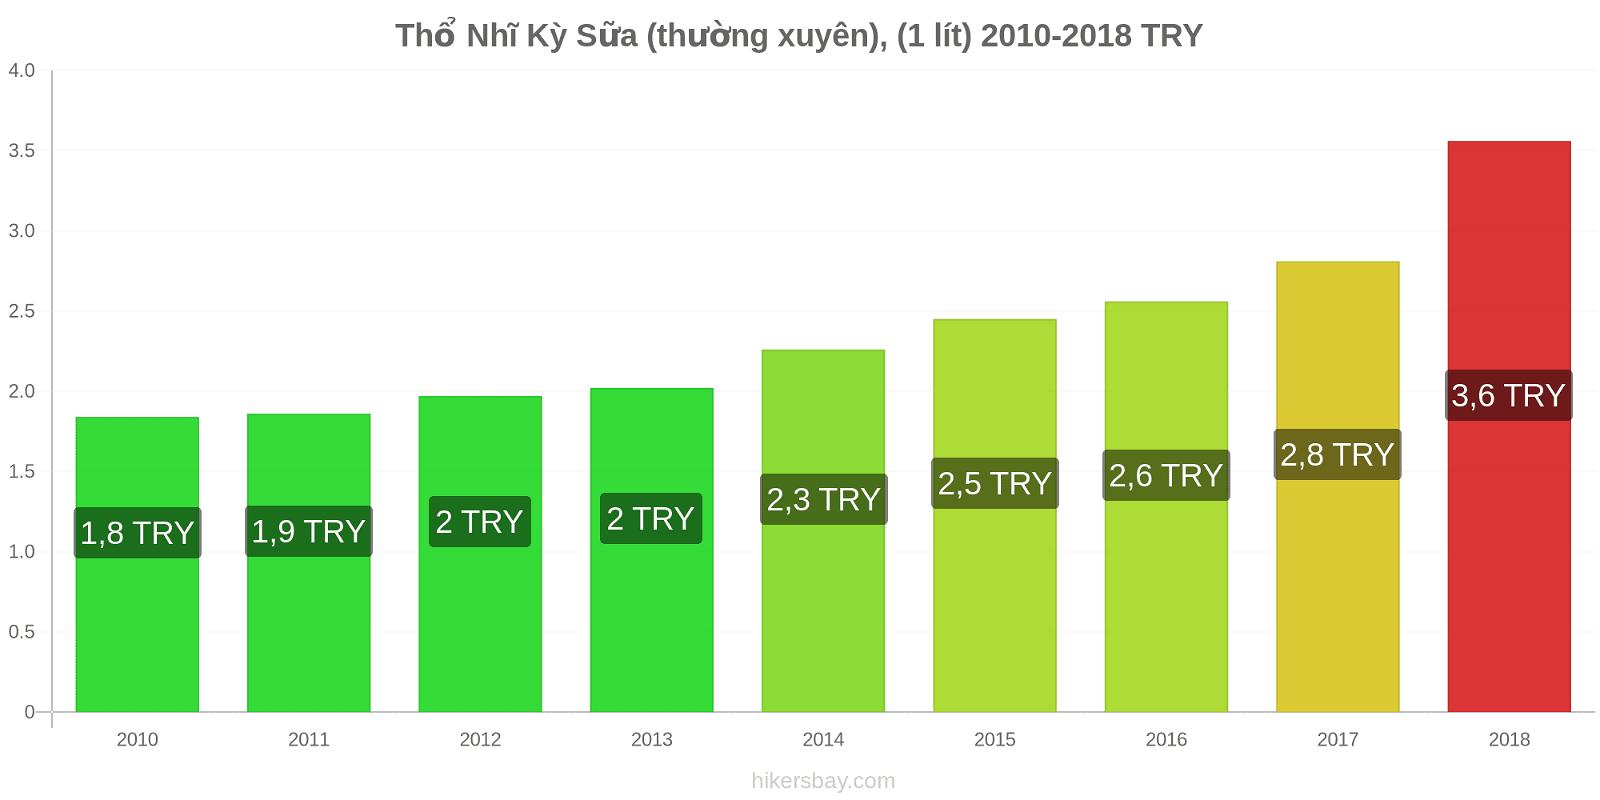 Thổ Nhĩ Kỳ thay đổi giá Sữa (thường xuyên), (1 lít) hikersbay.com